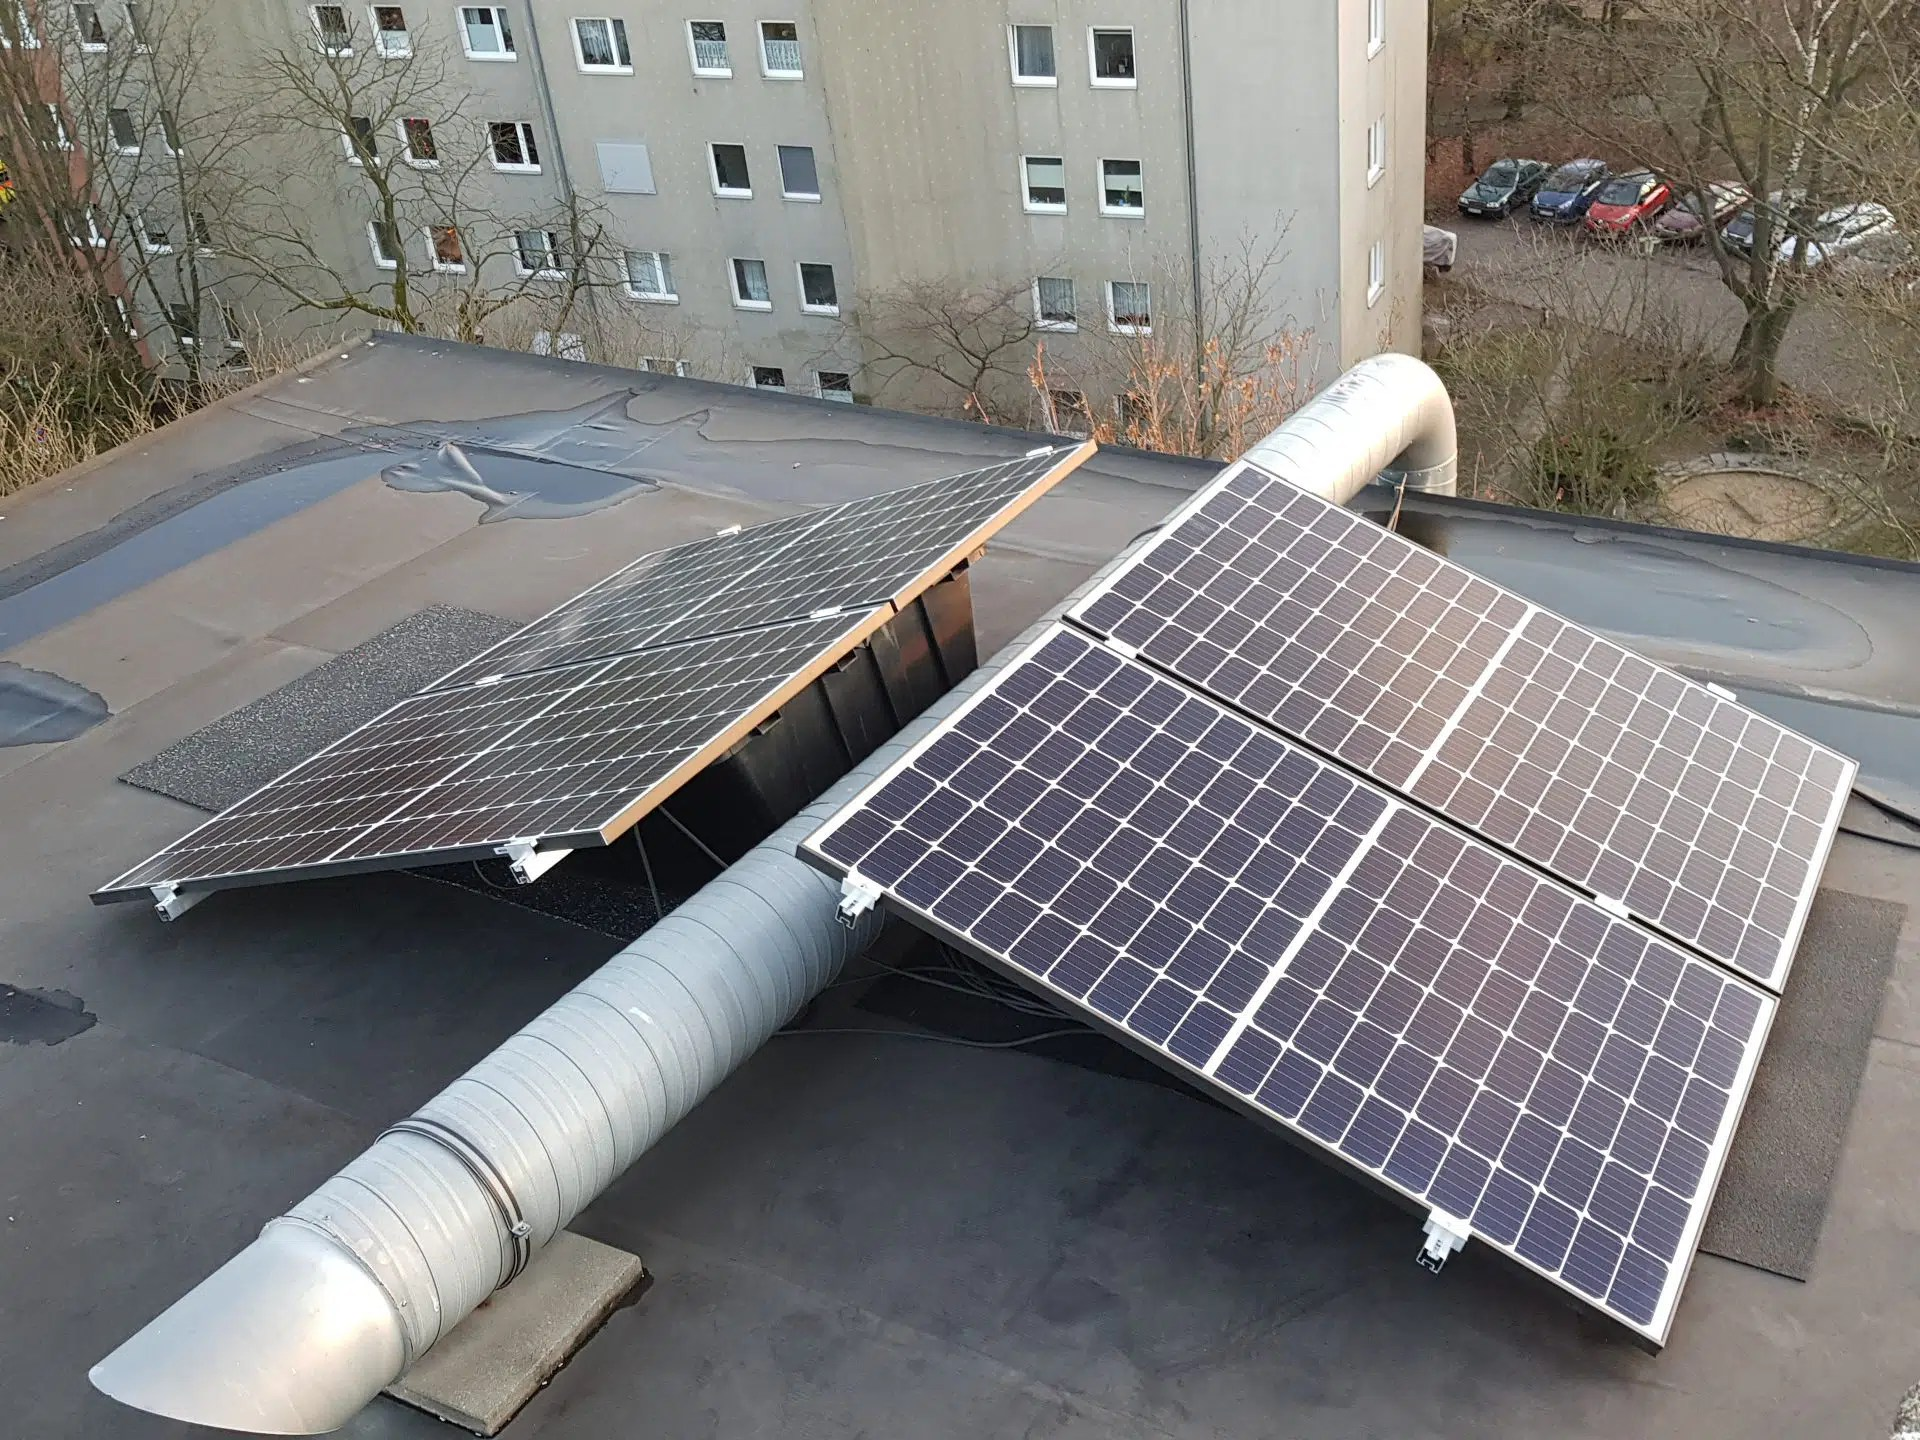 Gibt es Förderungen oder Vergünstigungen beim Balkonkraftwerk?